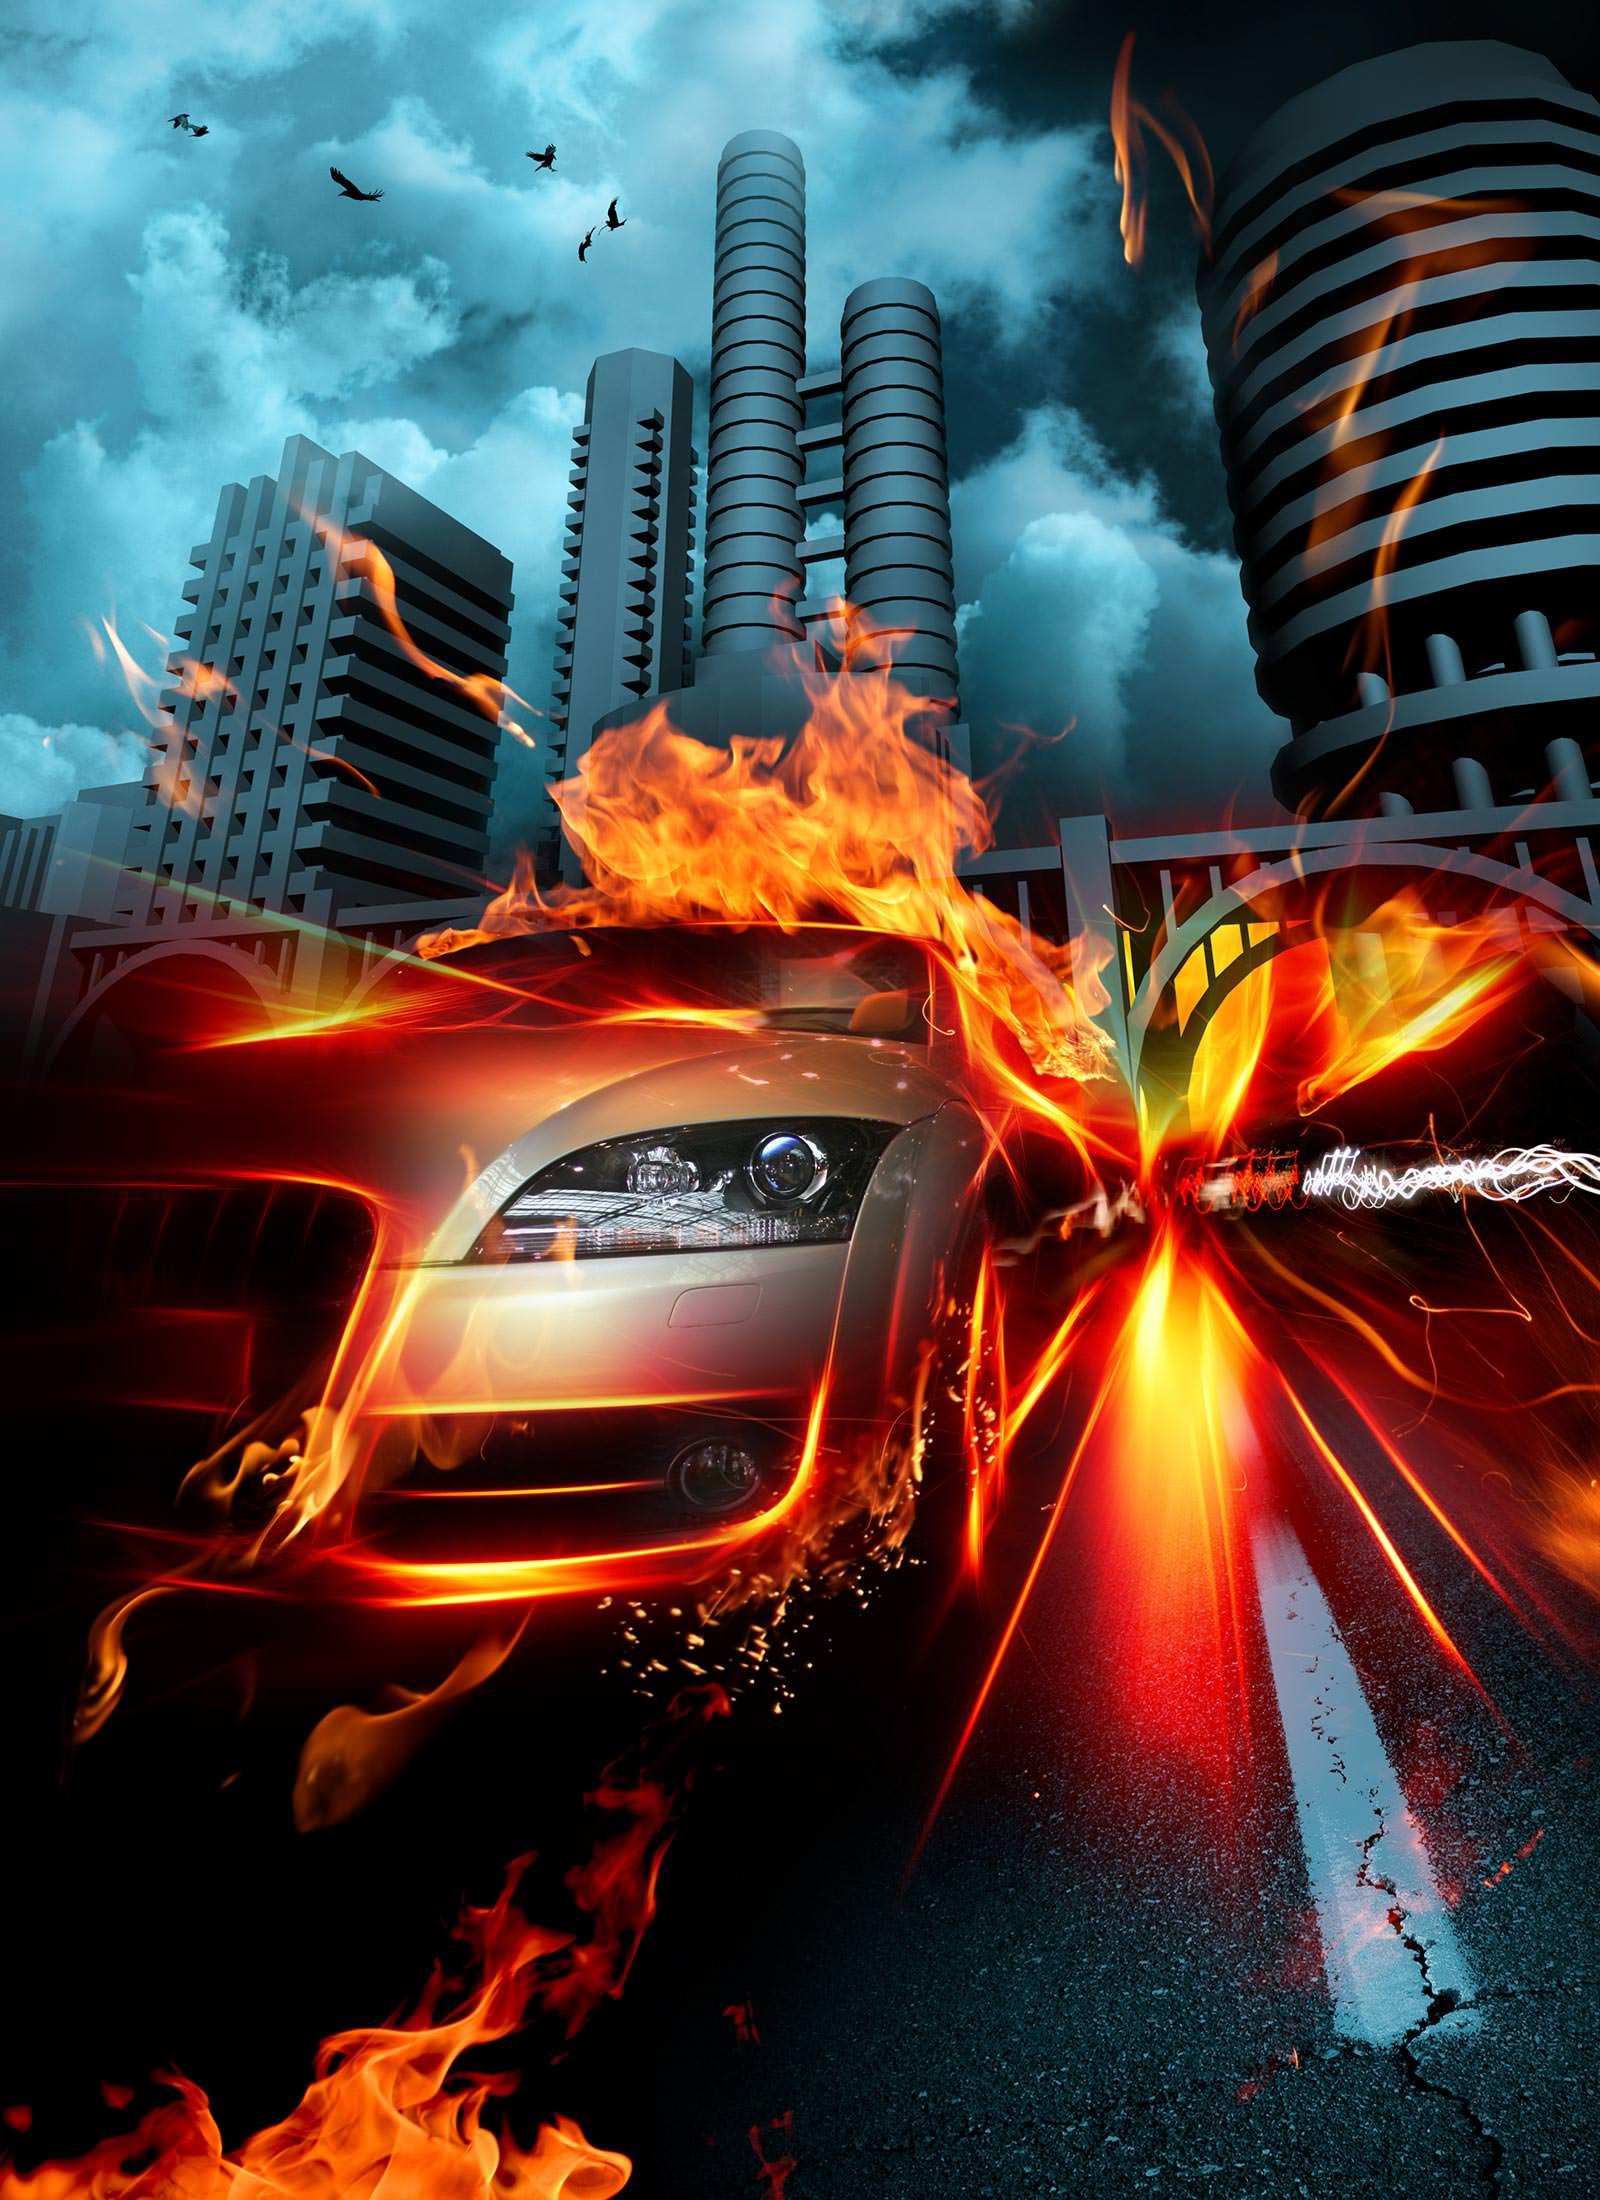 вид картинки машин огнем миги были двухместные